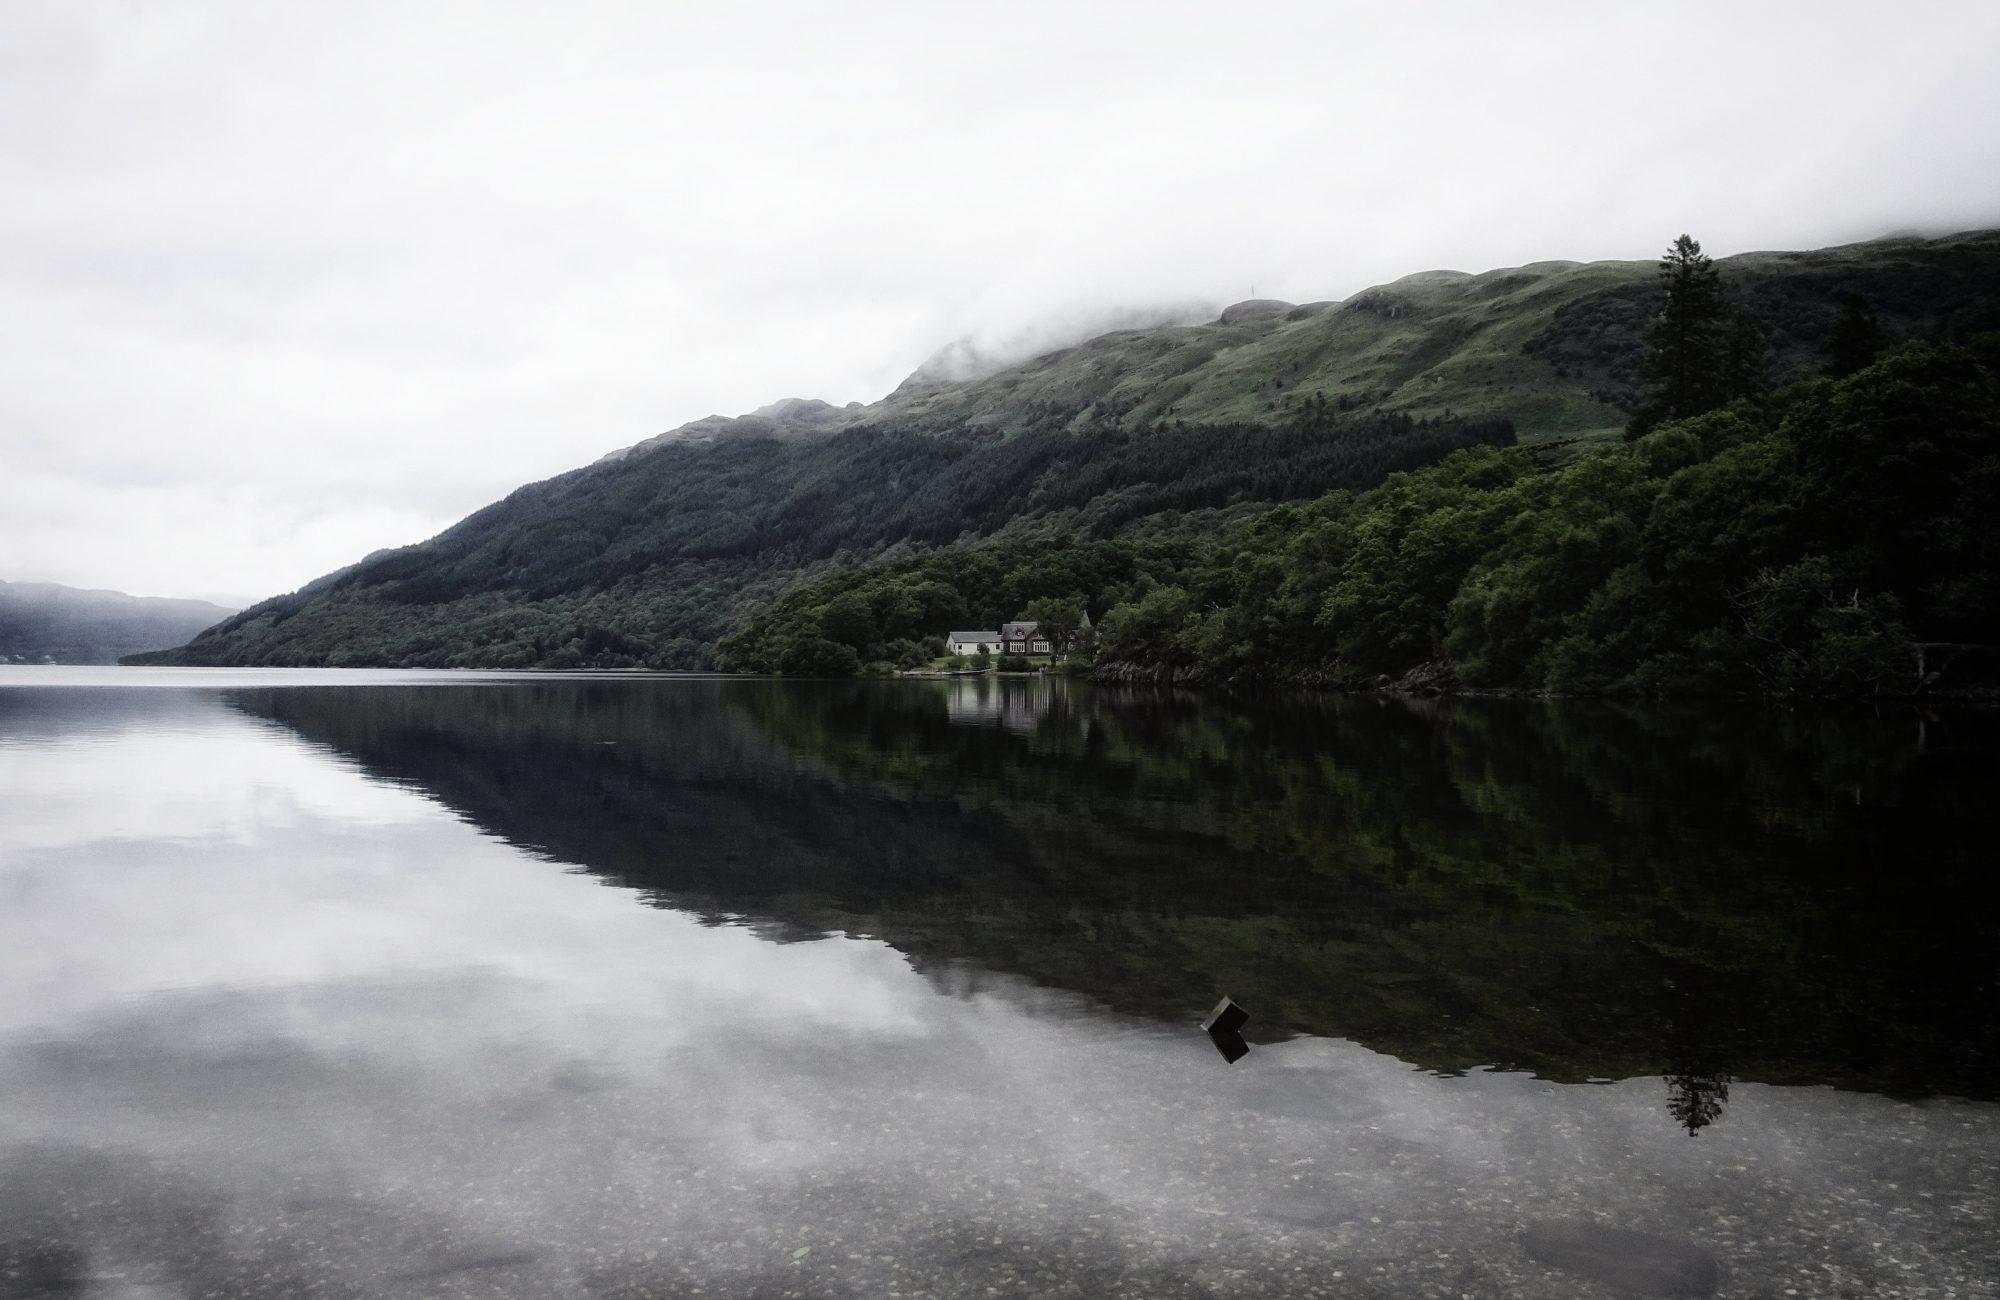 Am Loch Lomond mit Blick auf den verhüllten Ben Lomond und die angeblich schönste Jugendherberge Schottlands, West Highland Way, Schottland, Wanderung, Weitwandern, Trekking, Highlands